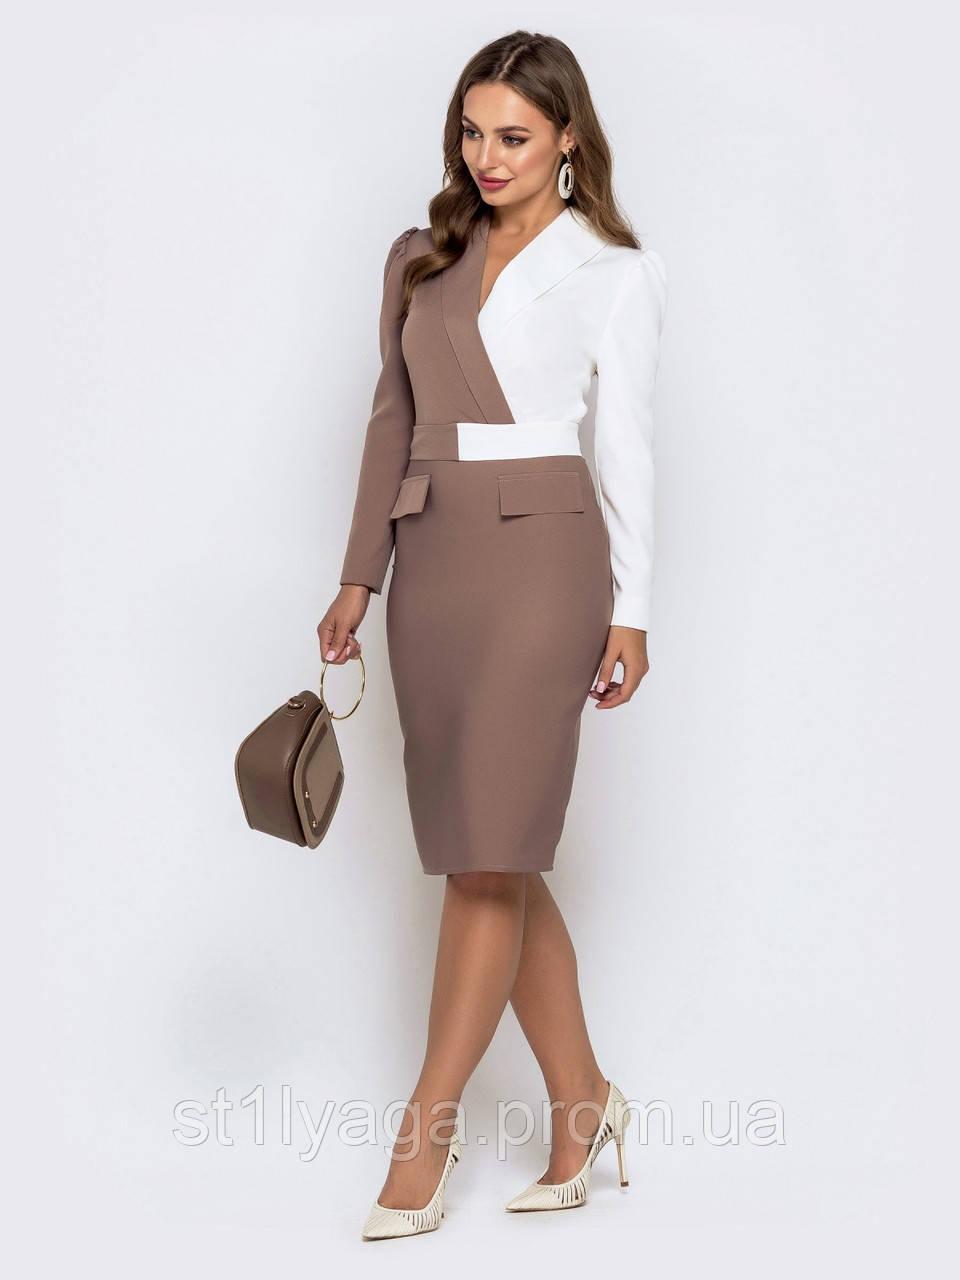 Элегантное офисное платье-футляр с длинным рукавом и клапанами на юбке